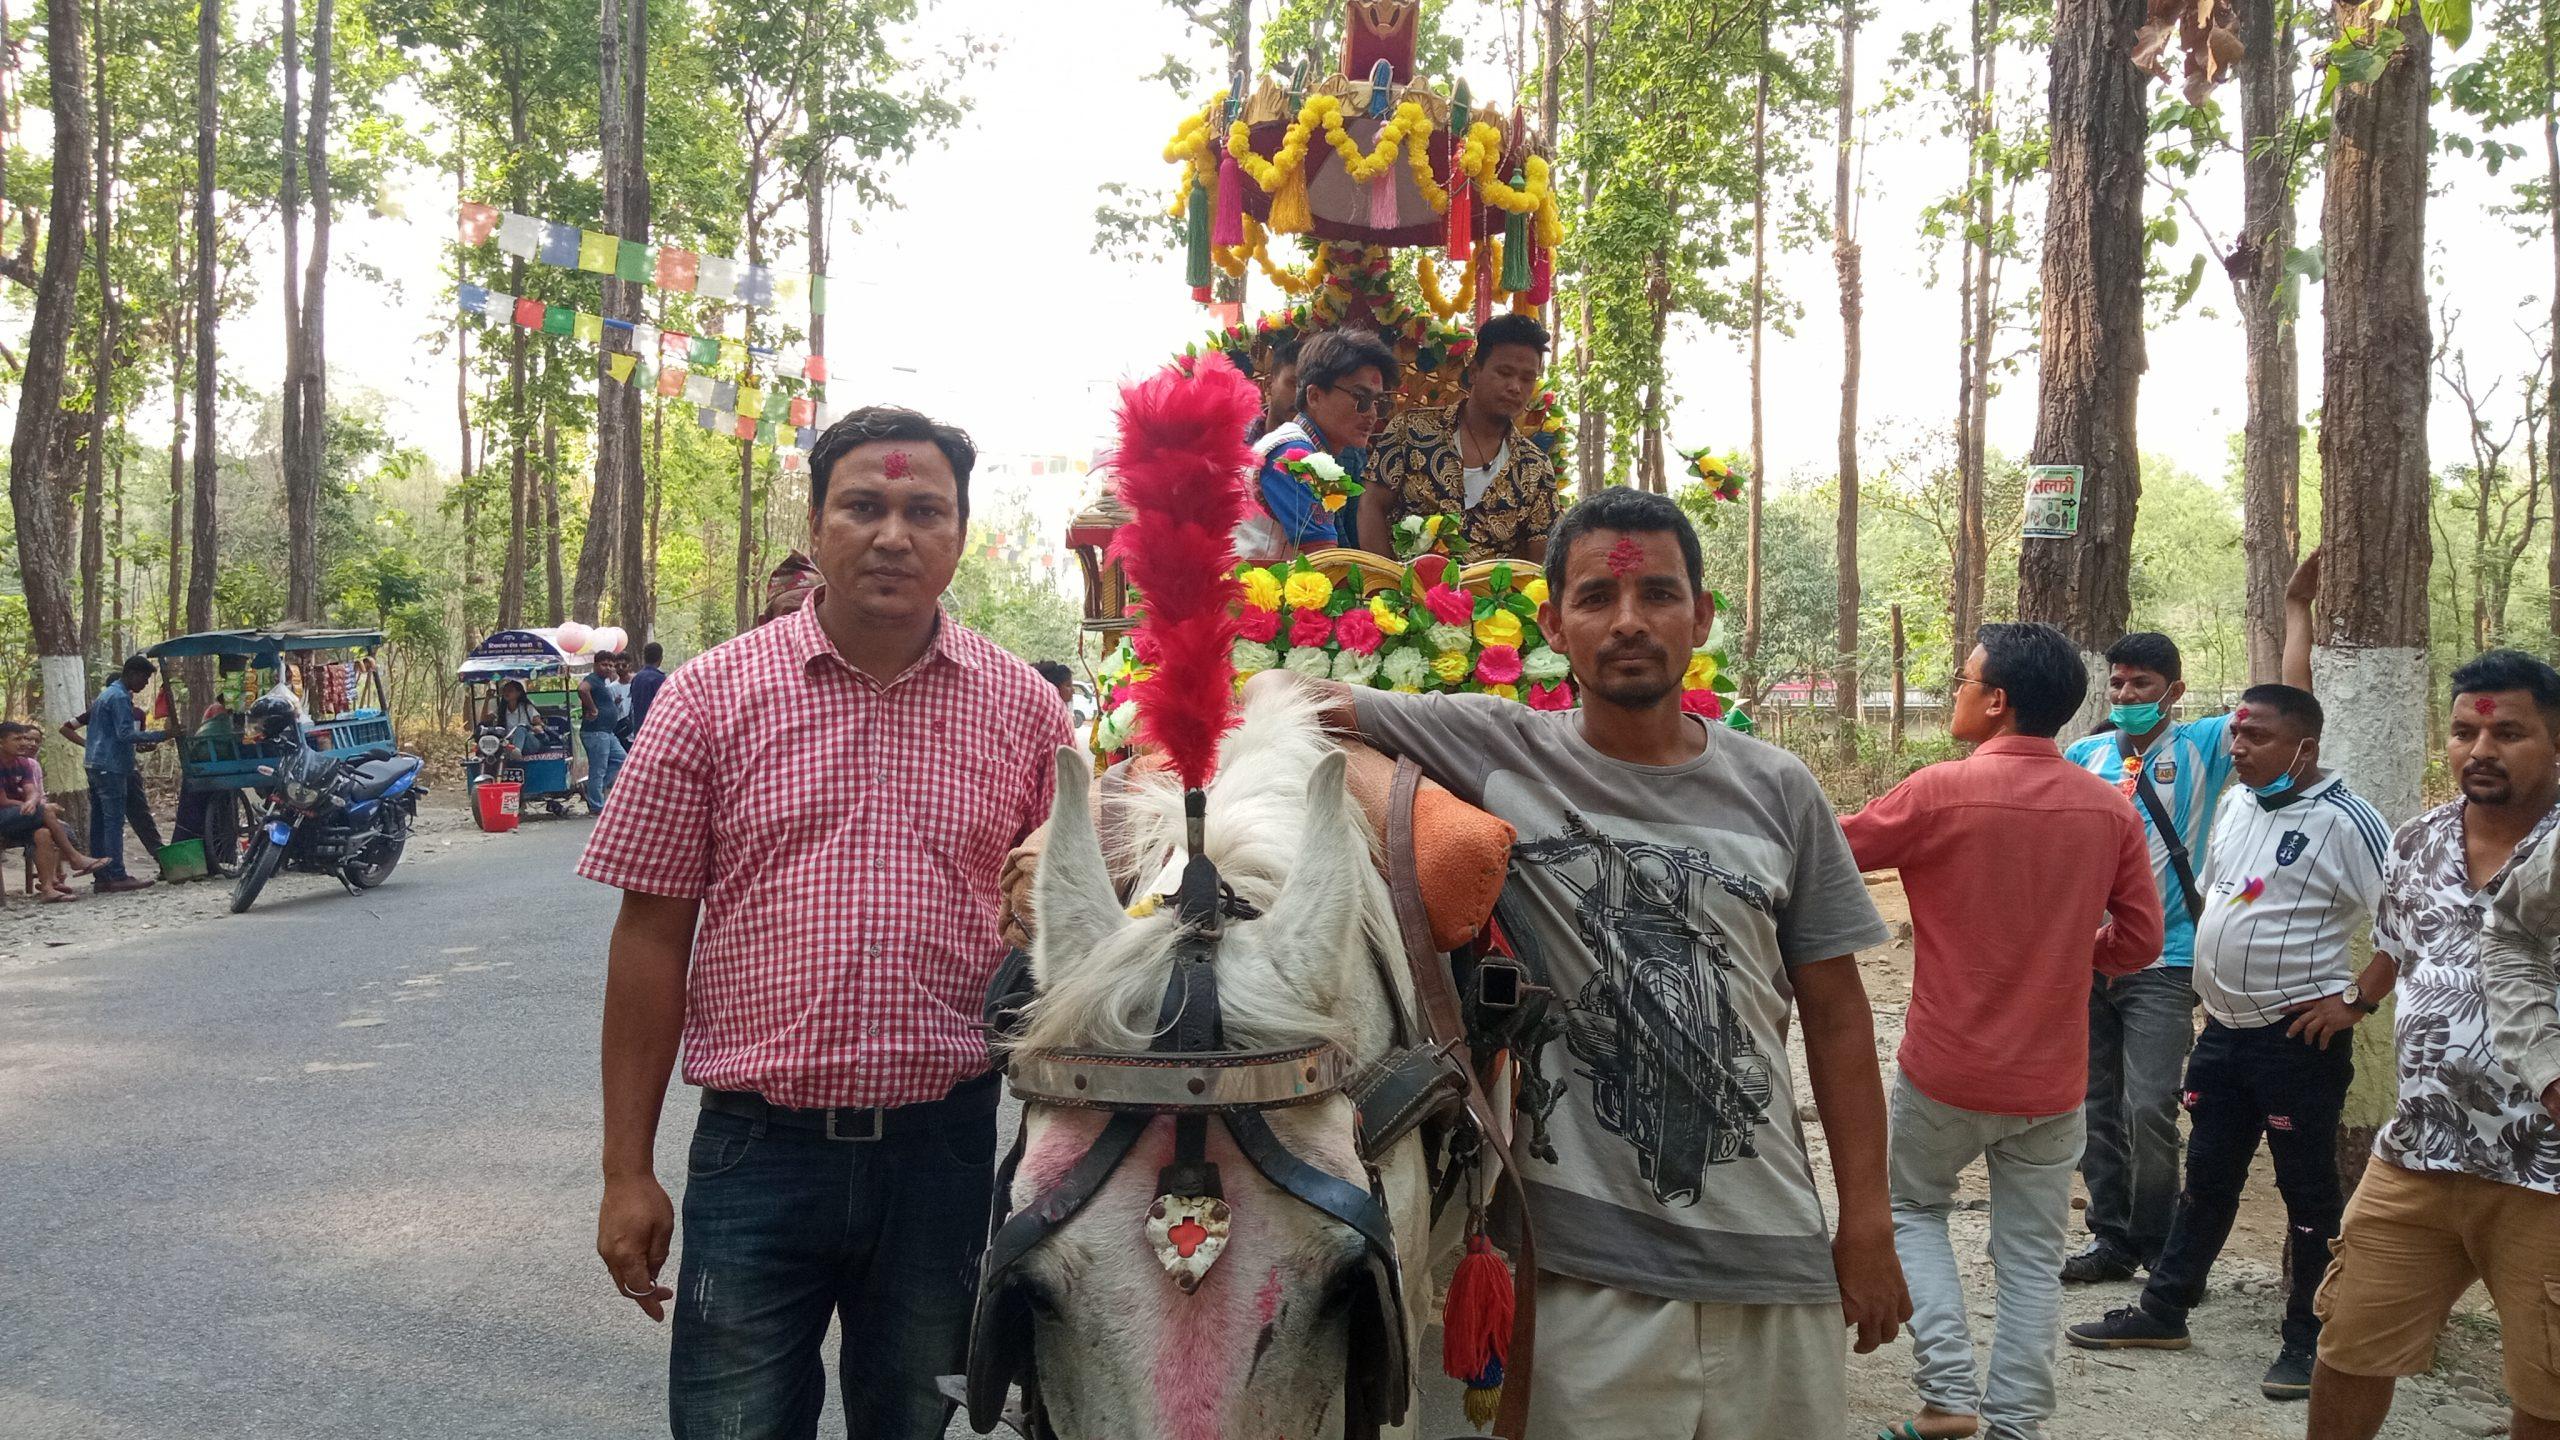 टिकटकका लागि अब सेल्फि राेडमा बग्गी सरर ( फोटो फिचर )